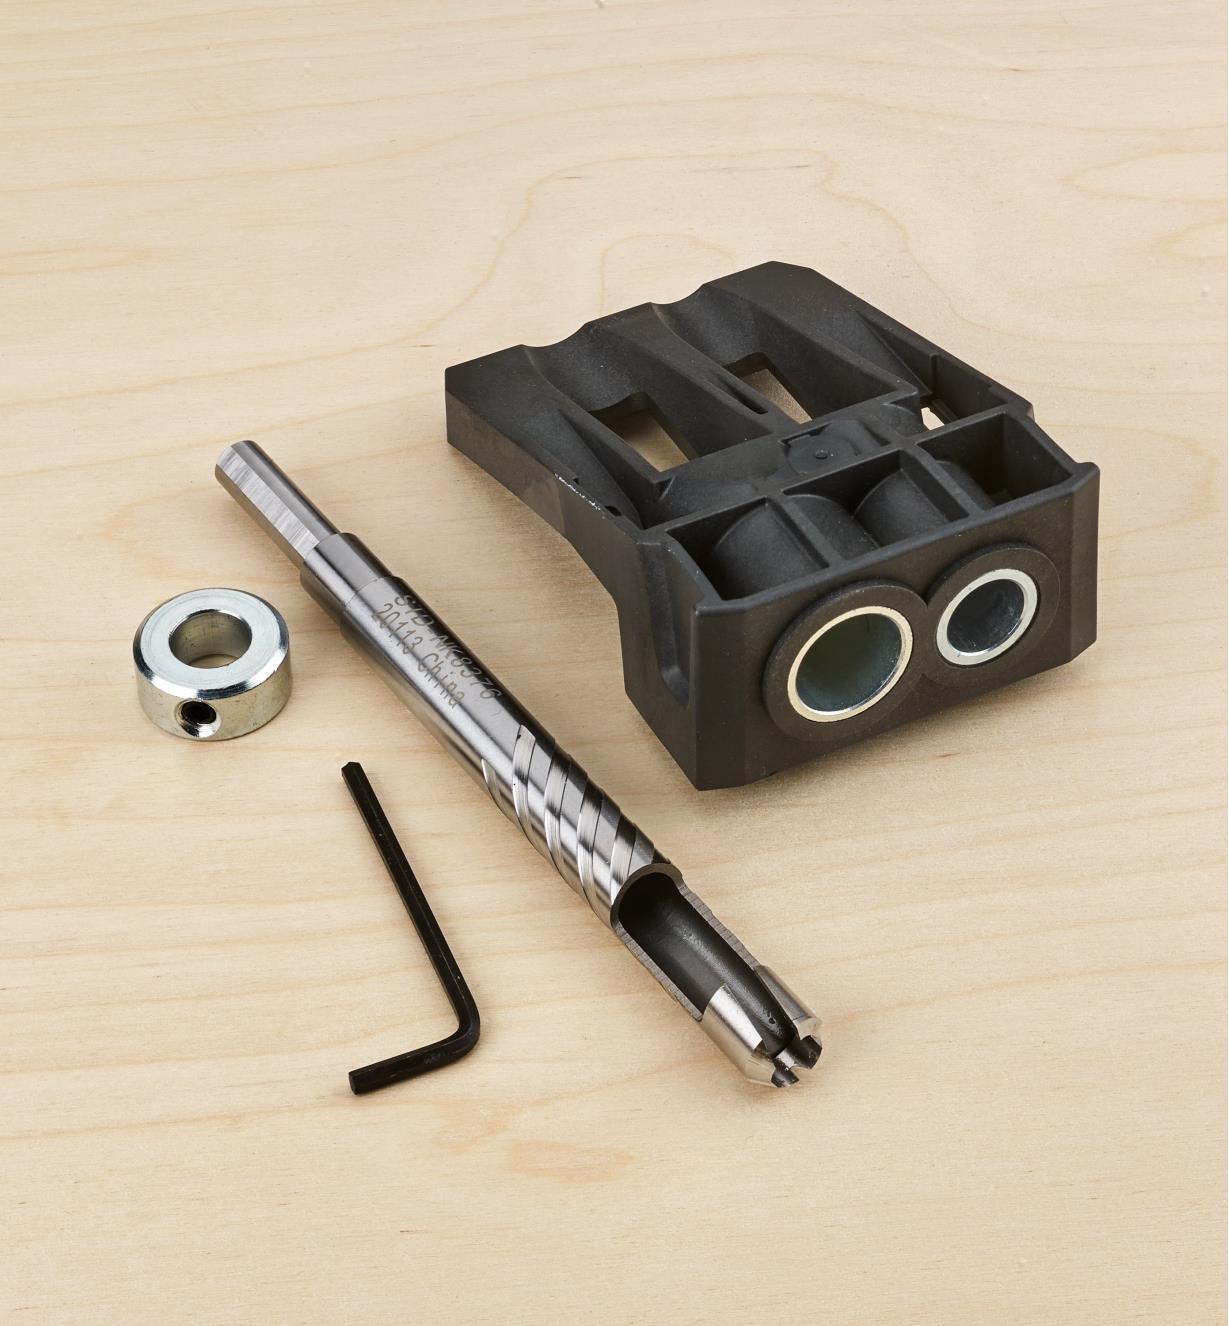 25K6199 - Kreg 740 Custom Plug-Cutter Kit